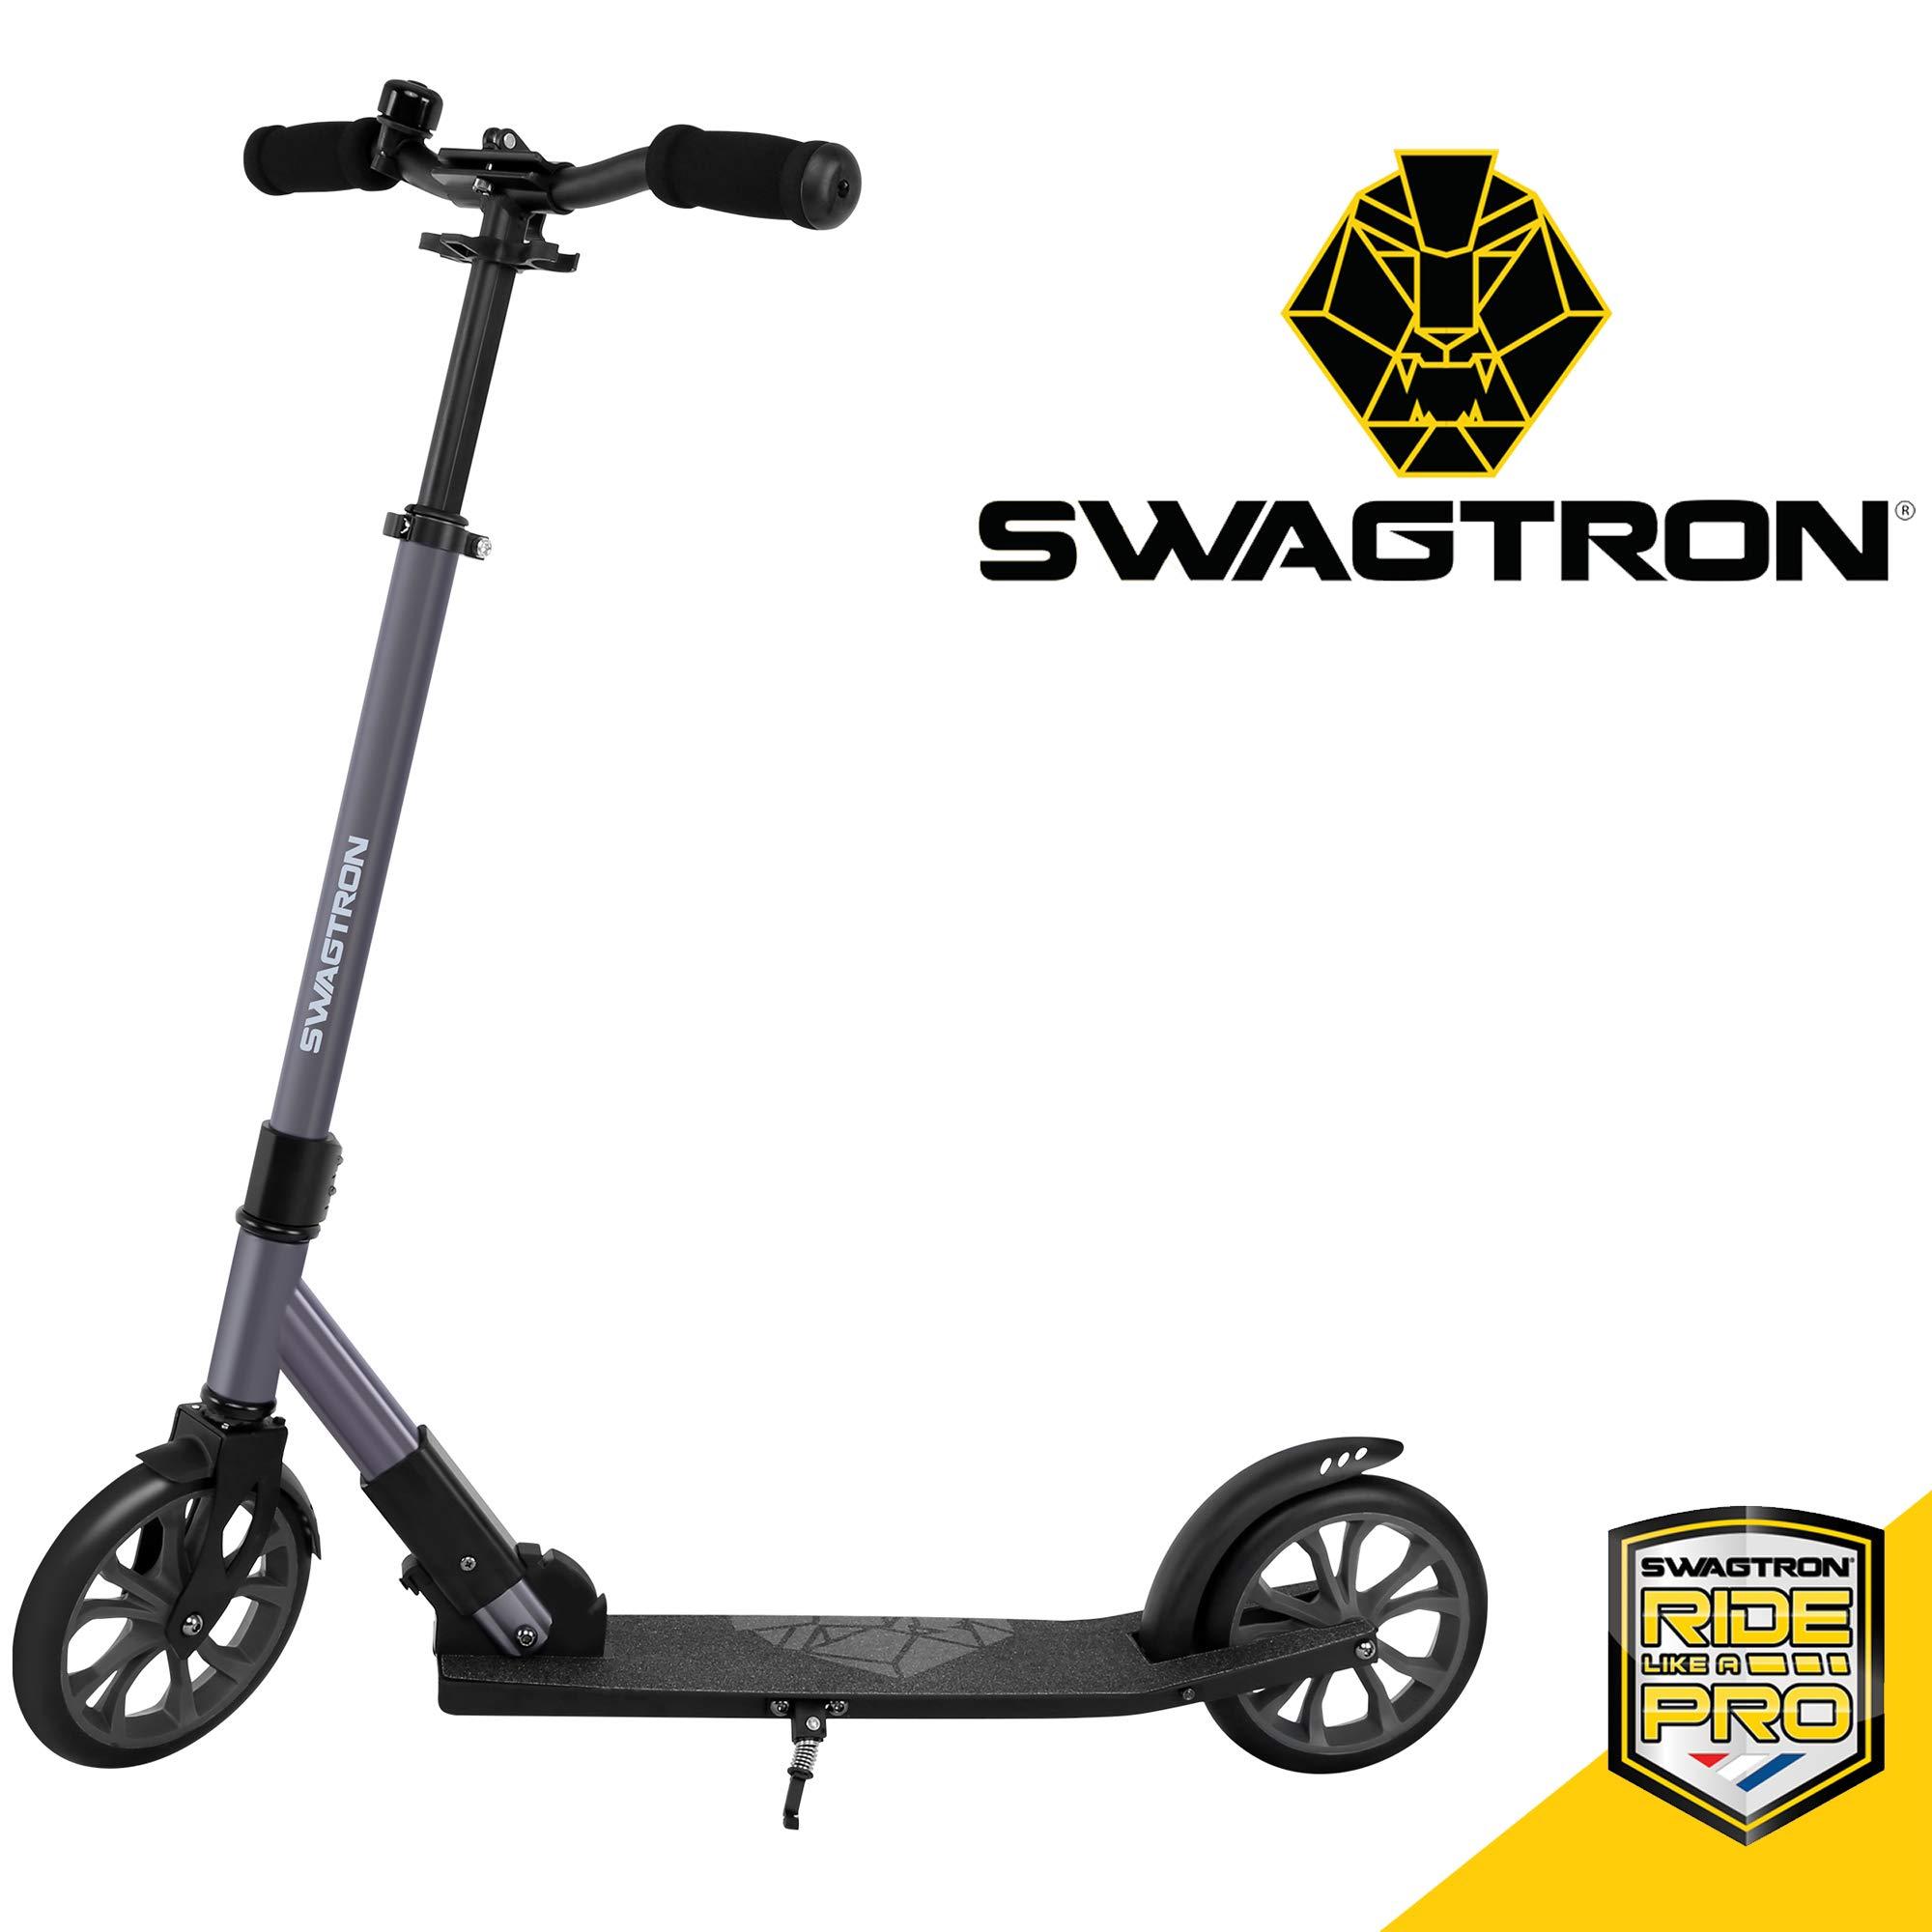 Swagtron K8 Commuter Lightweight Height Adjustable